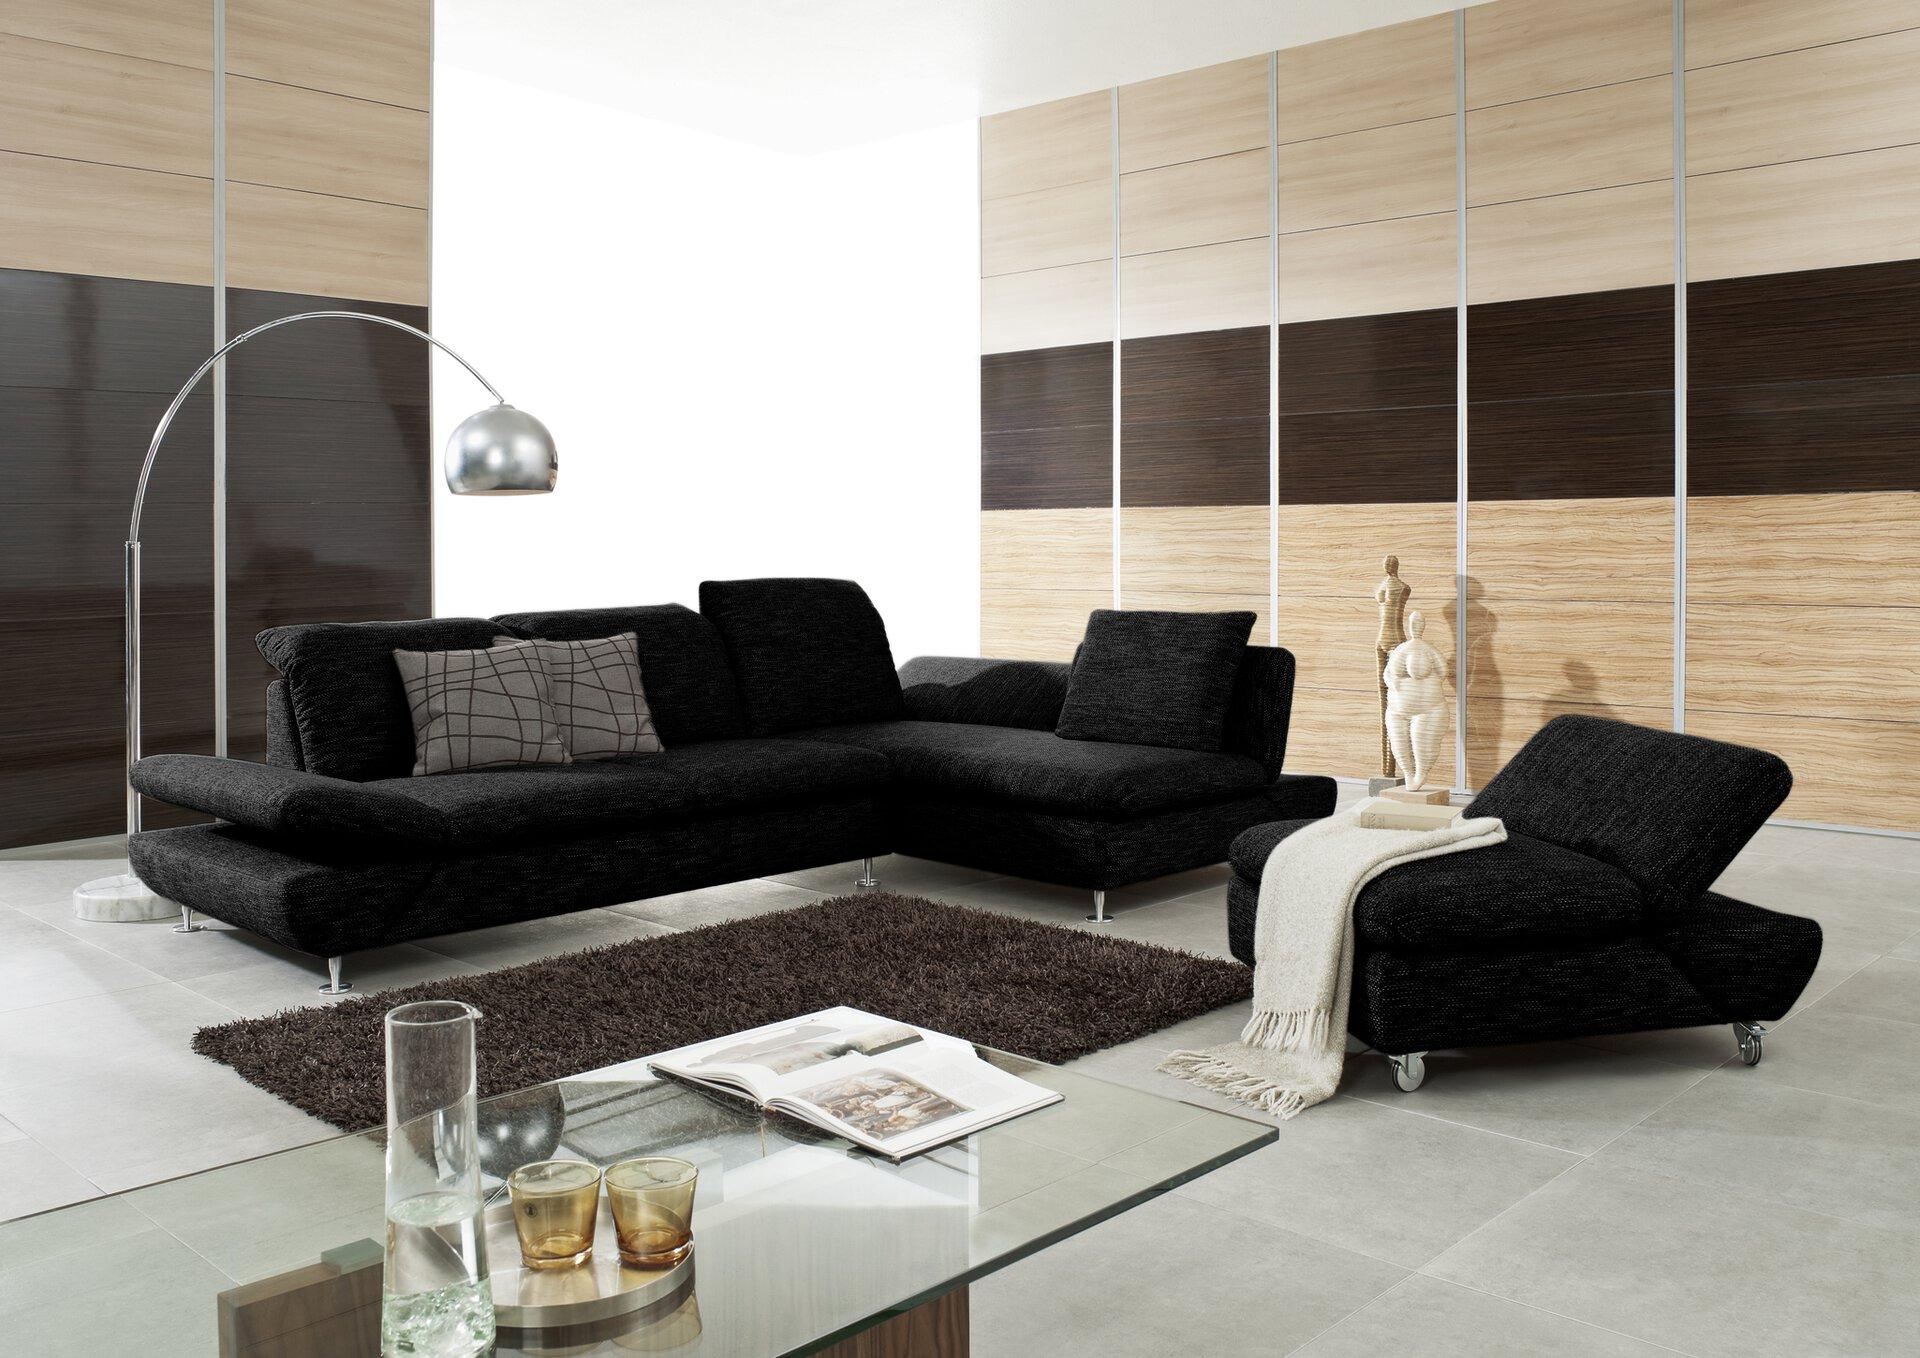 Ecksofa TAOO W.Schillig Textil schwarz 203 x 84 x 314 cm